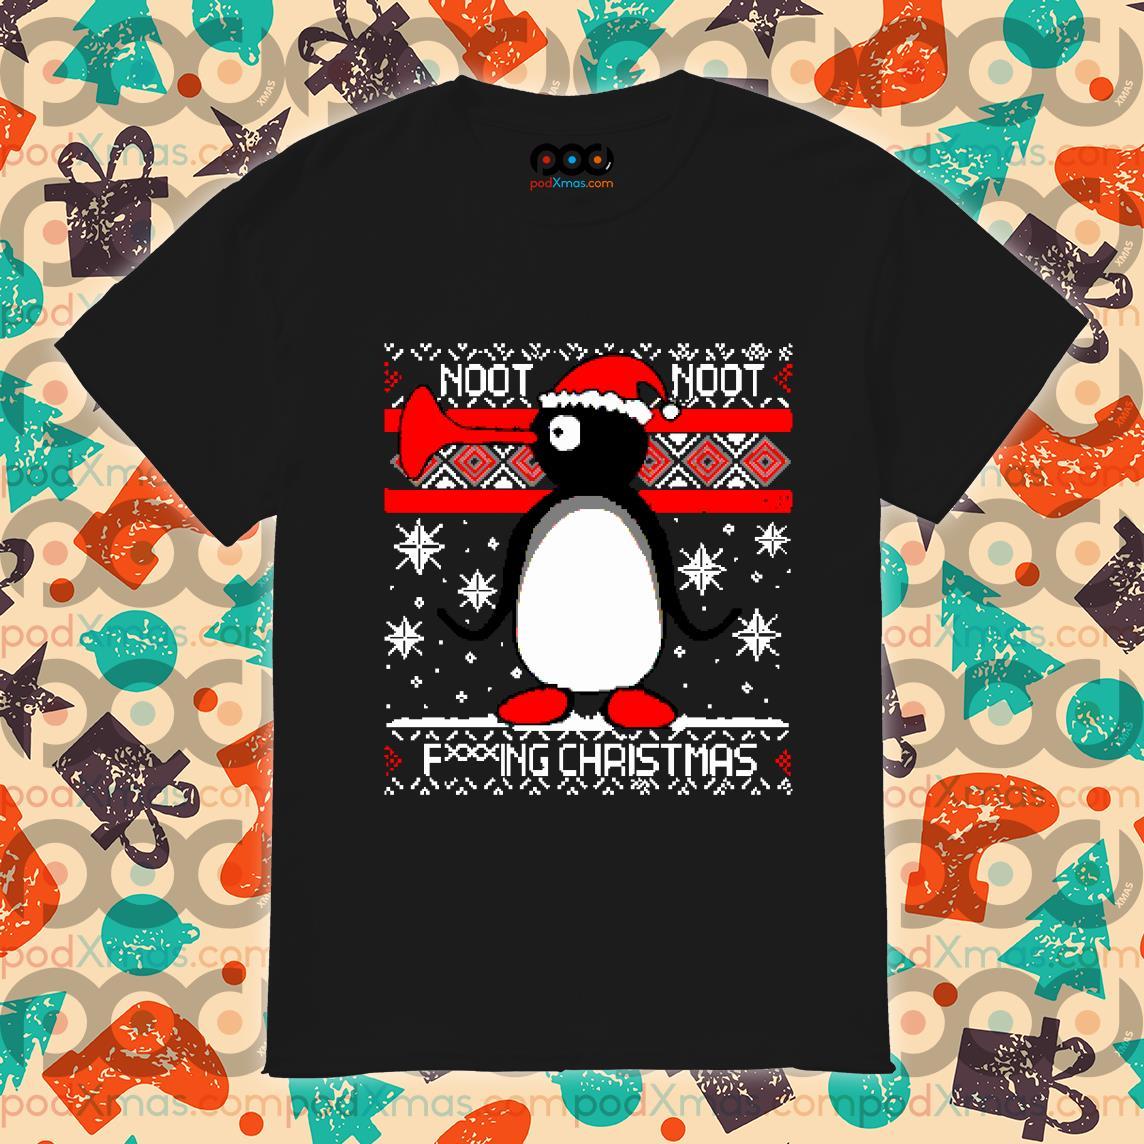 Noot Noot Fucking Christmas Ugly shirt